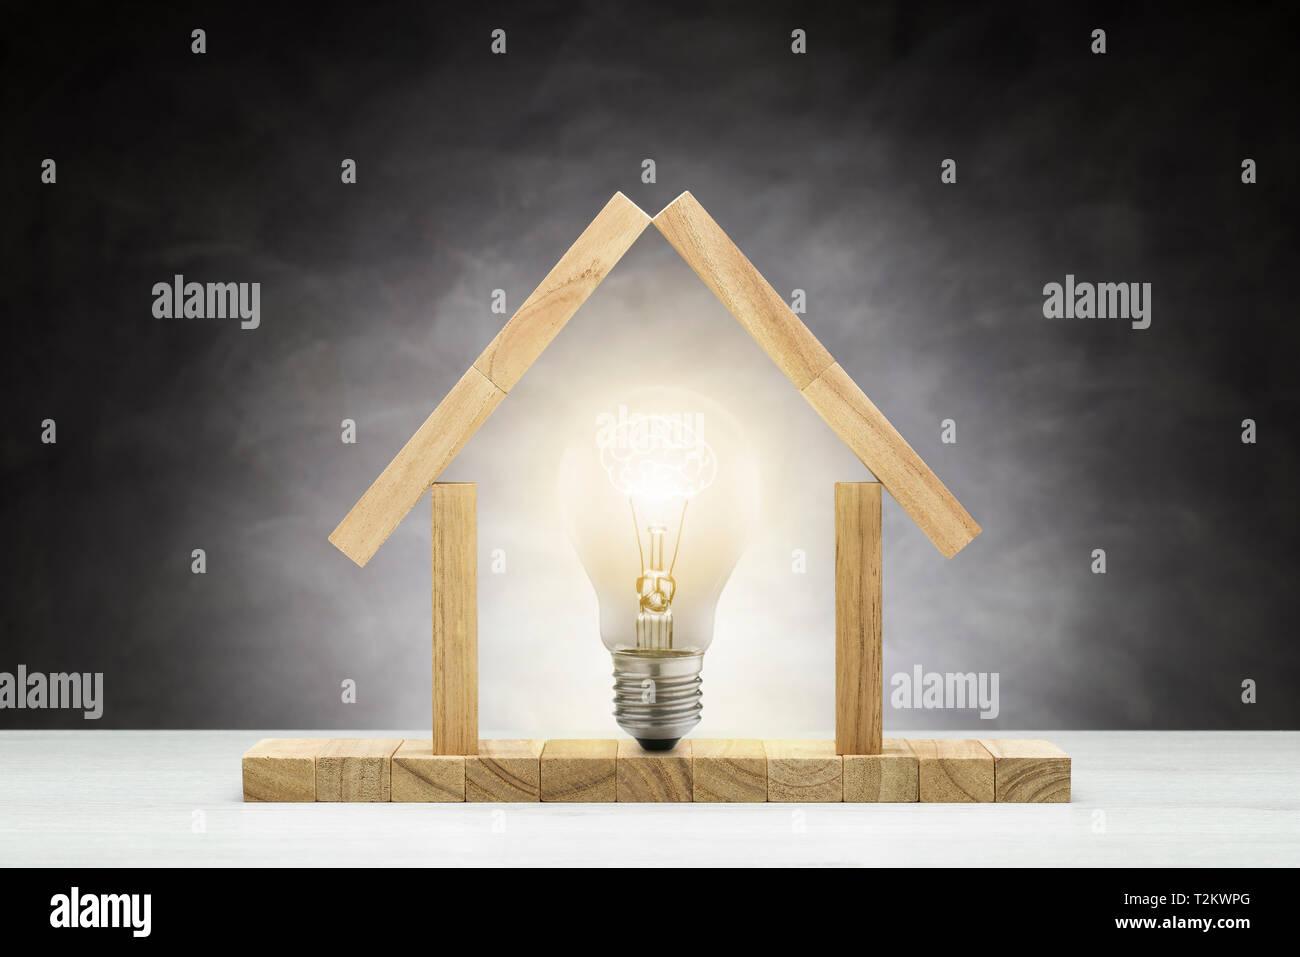 Concept D Idée Ampoule Lumière Allumée à L Intérieur D Une